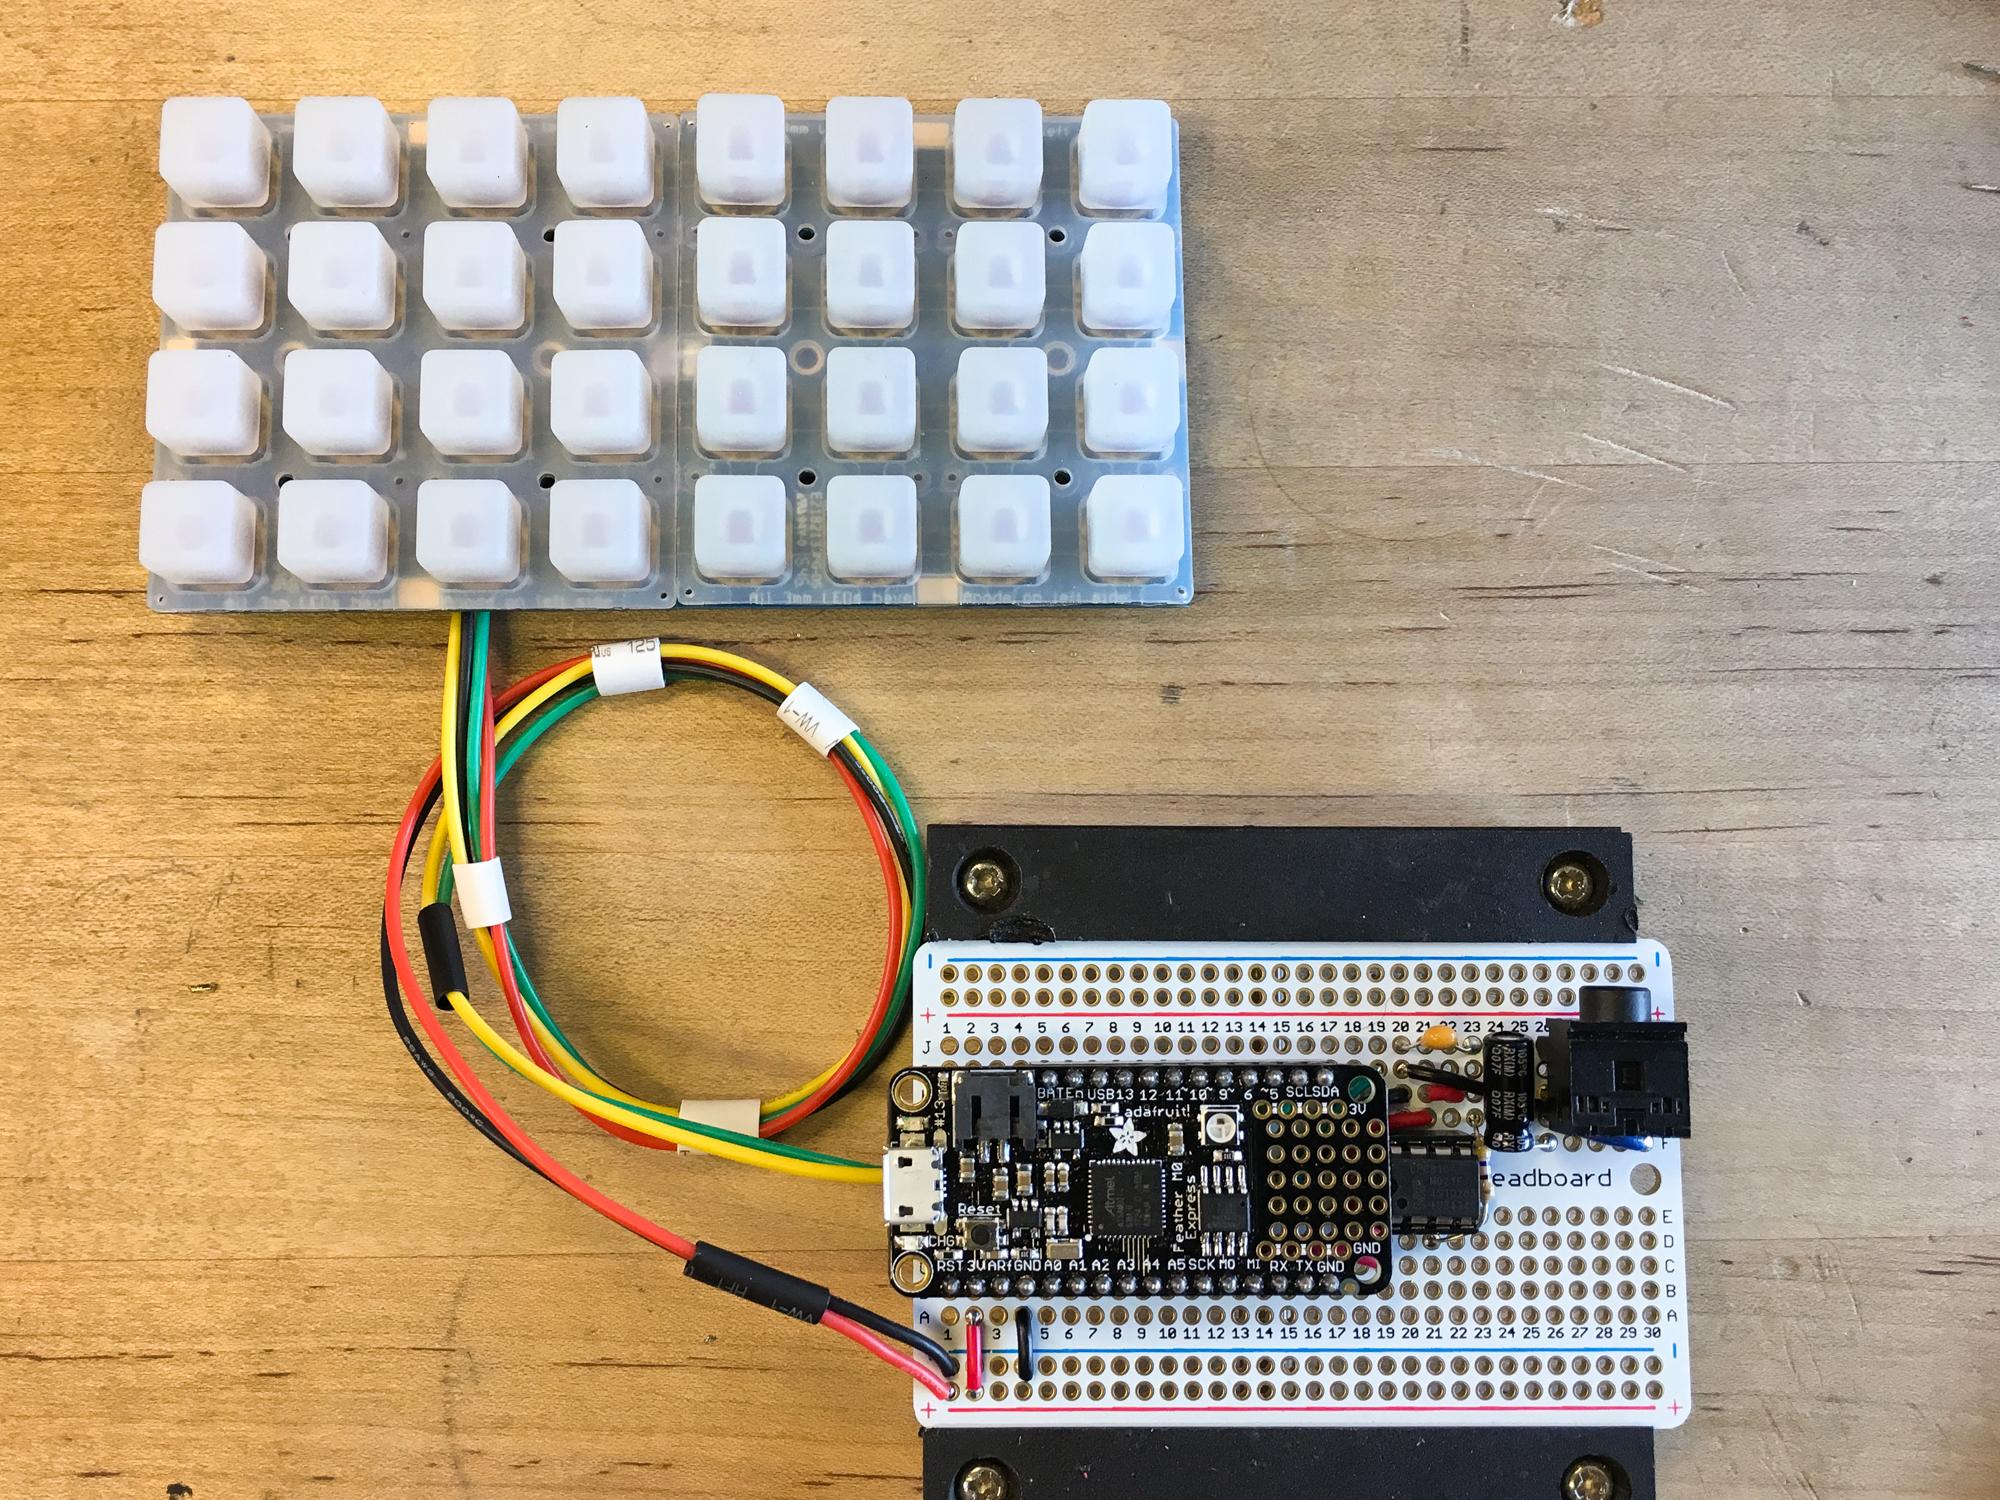 microcontrollers_IMG_1928_2k.jpg